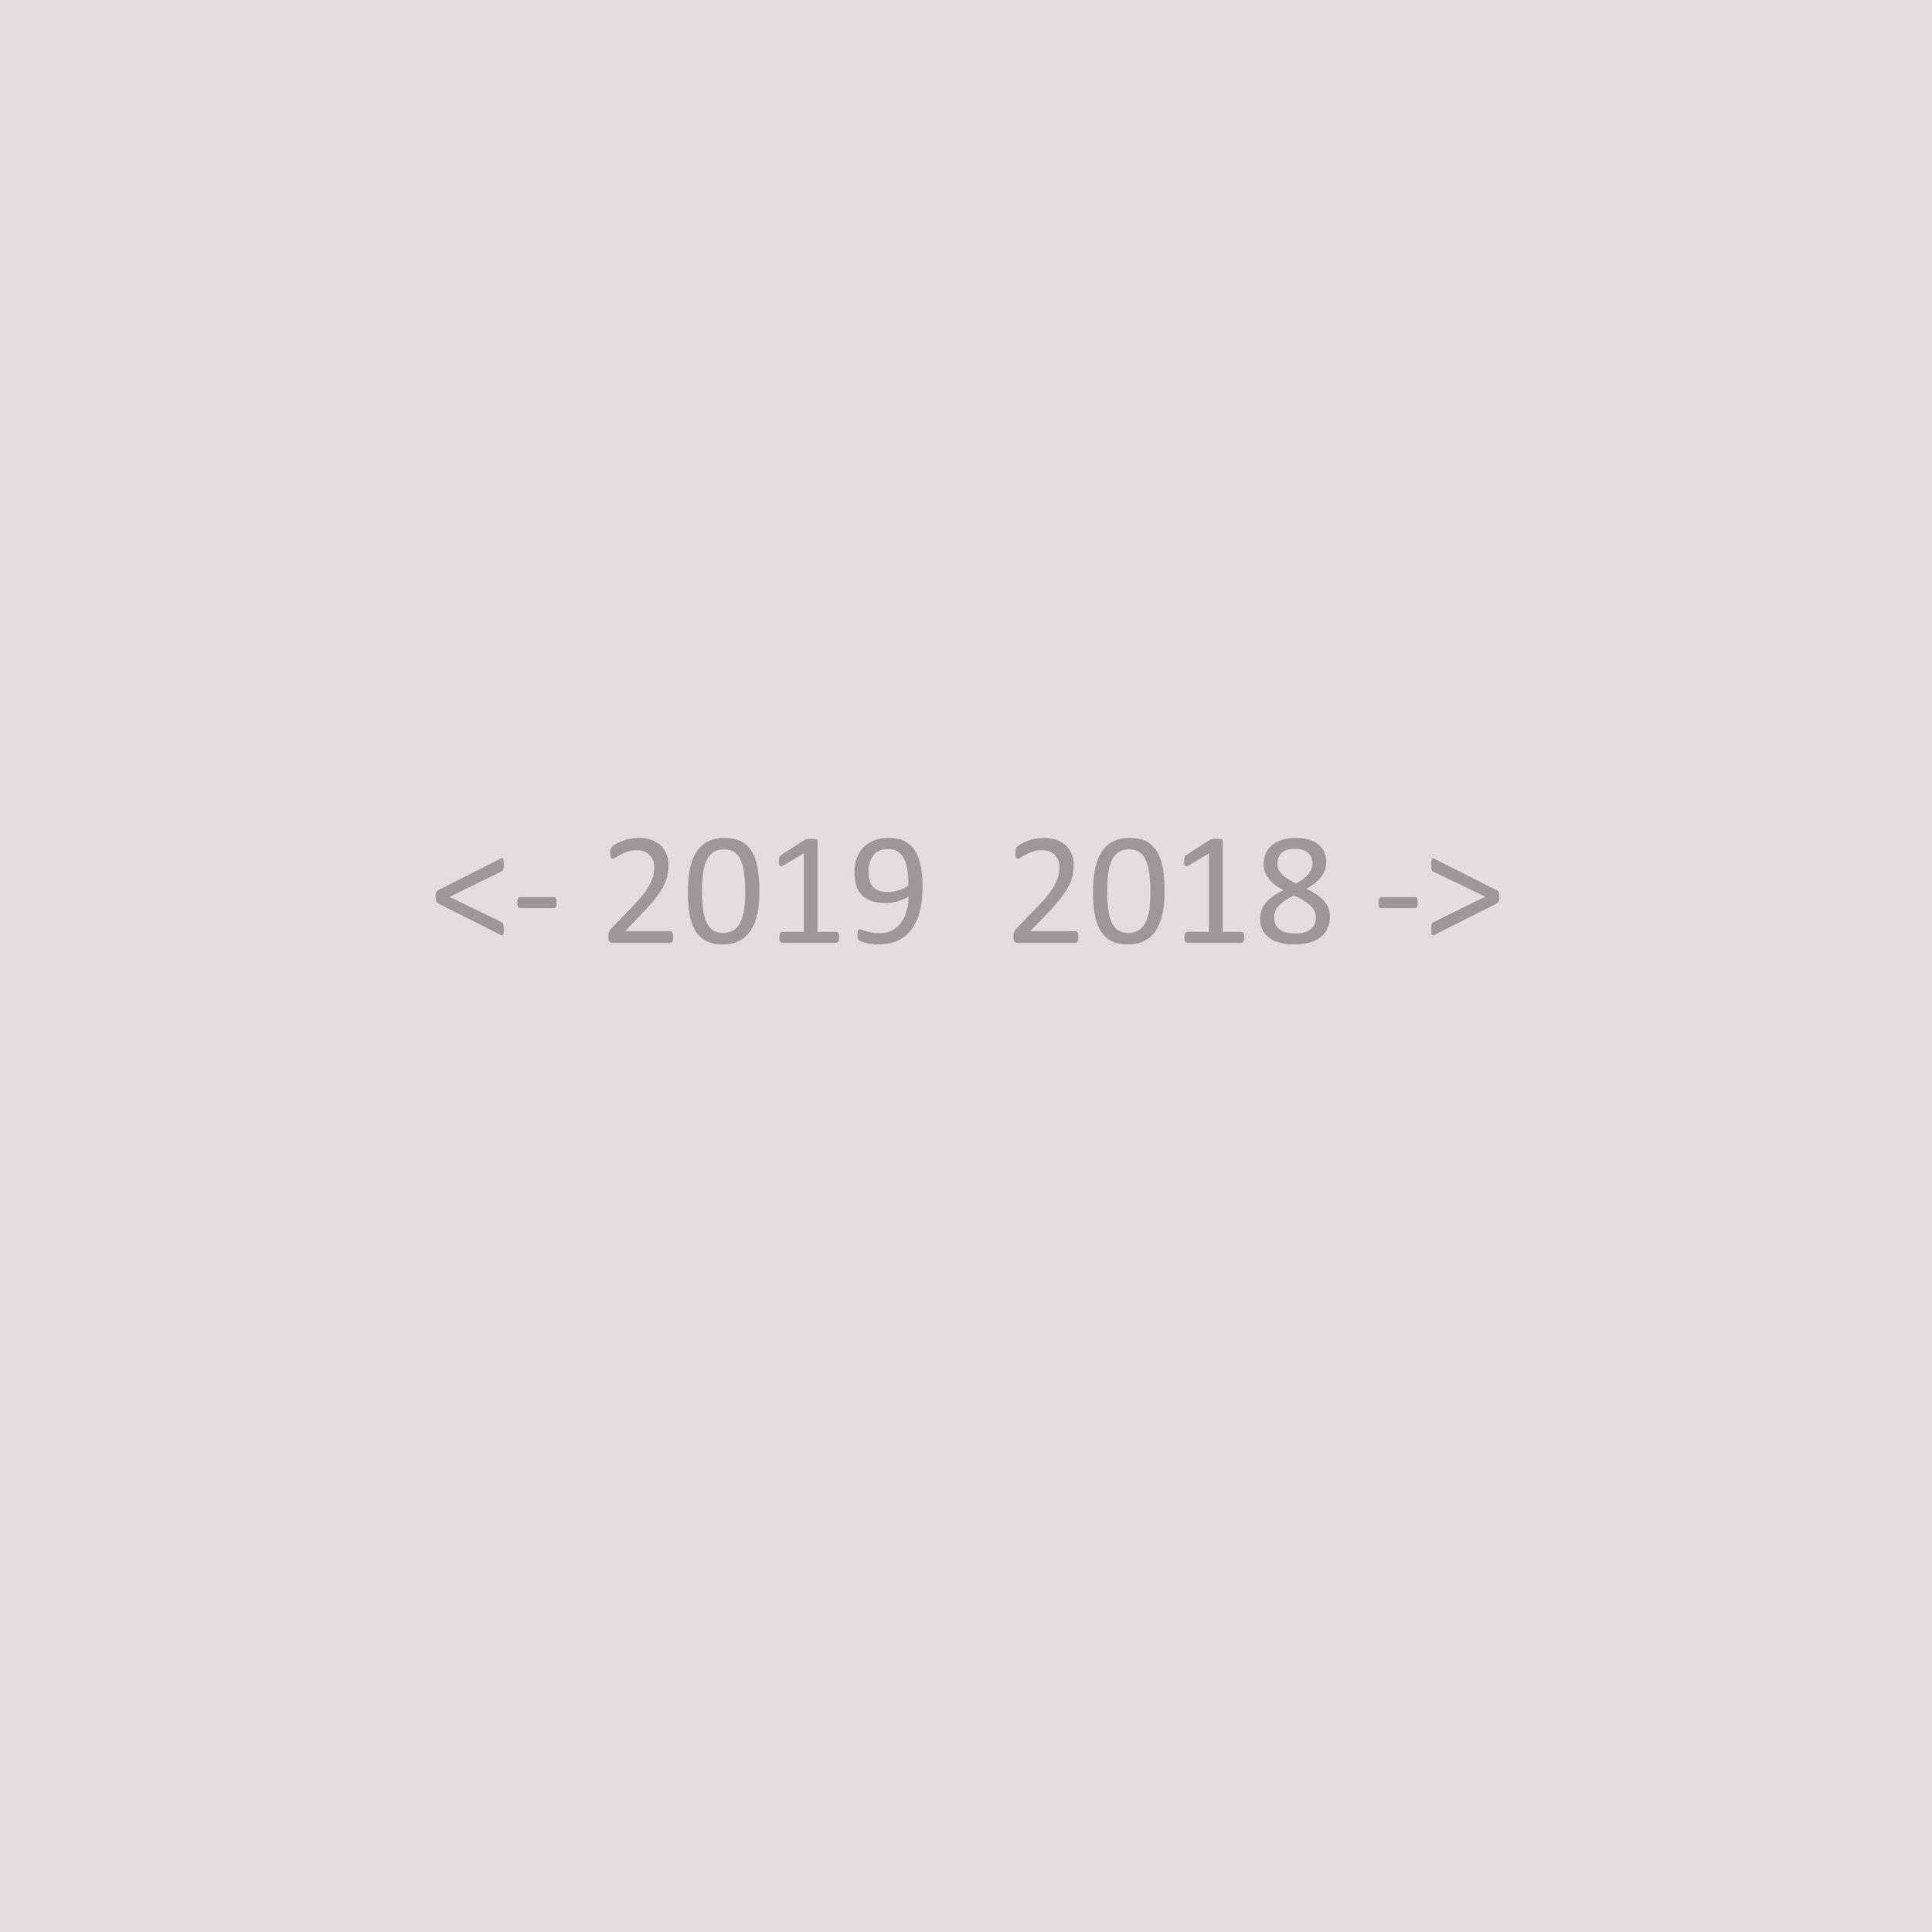 Untitled-1 bakgrunnslitur grár 2018 2019.jpg